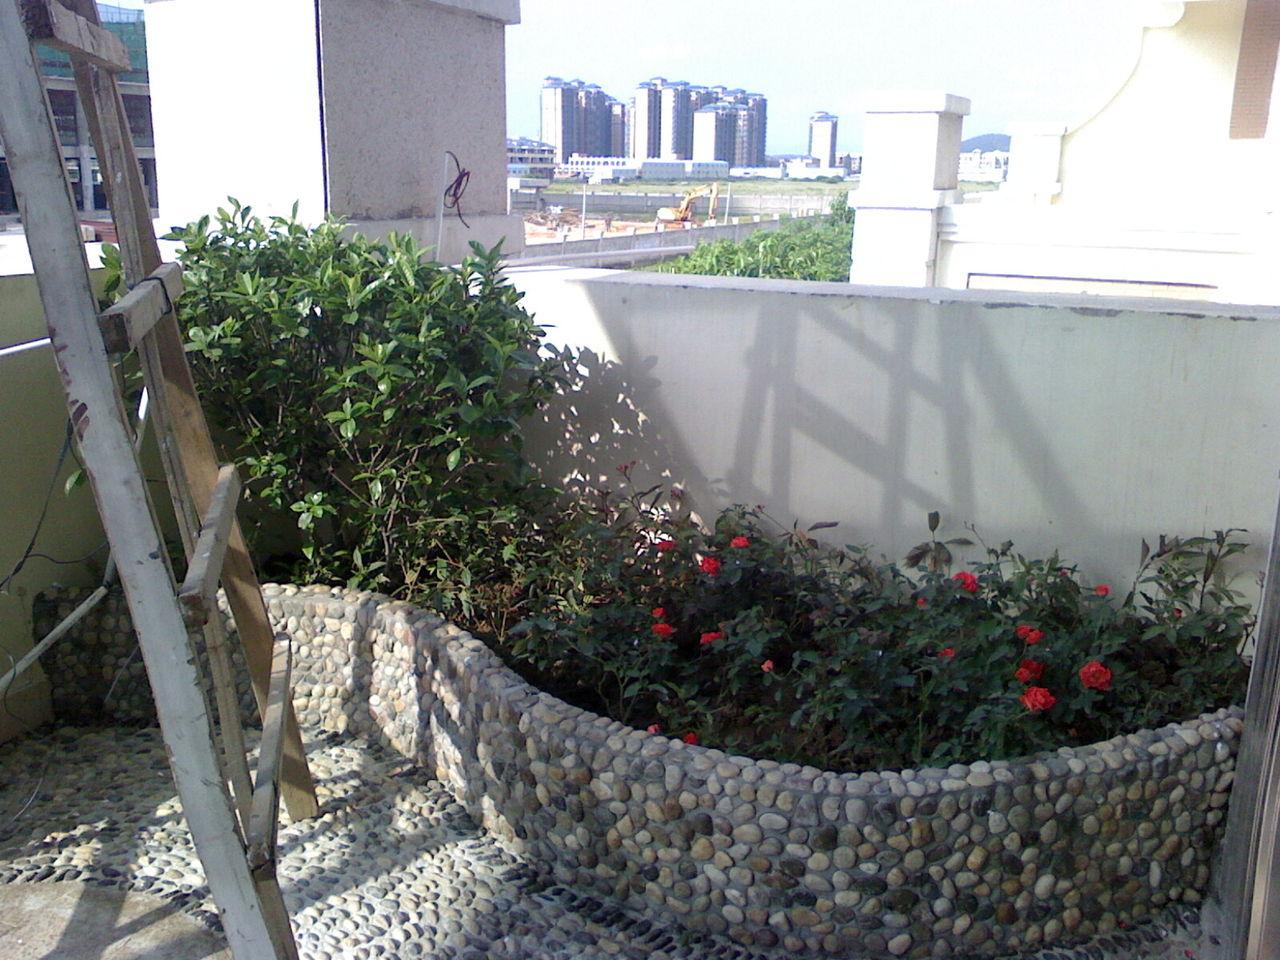 农家小院鱼池设计图 农村家庭鱼池设计图 家庭庭院图片